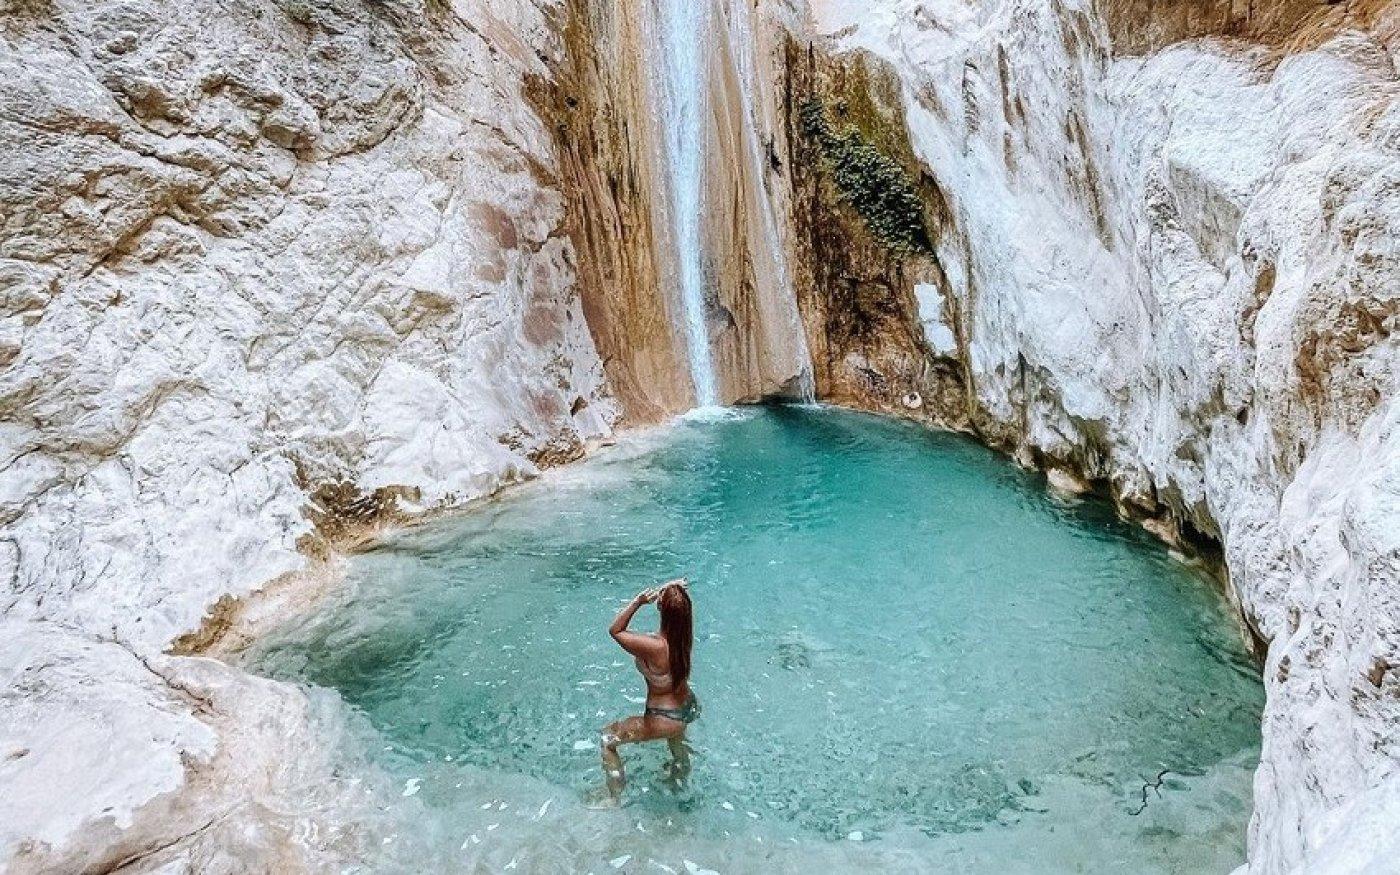 Φωτό ημέρας: Ταξιδεύοντας σε ένα μαγικό μέρος στη Λευκάδα/@travel_tathy - Κυρίως Φωτογραφία - Gallery - Video